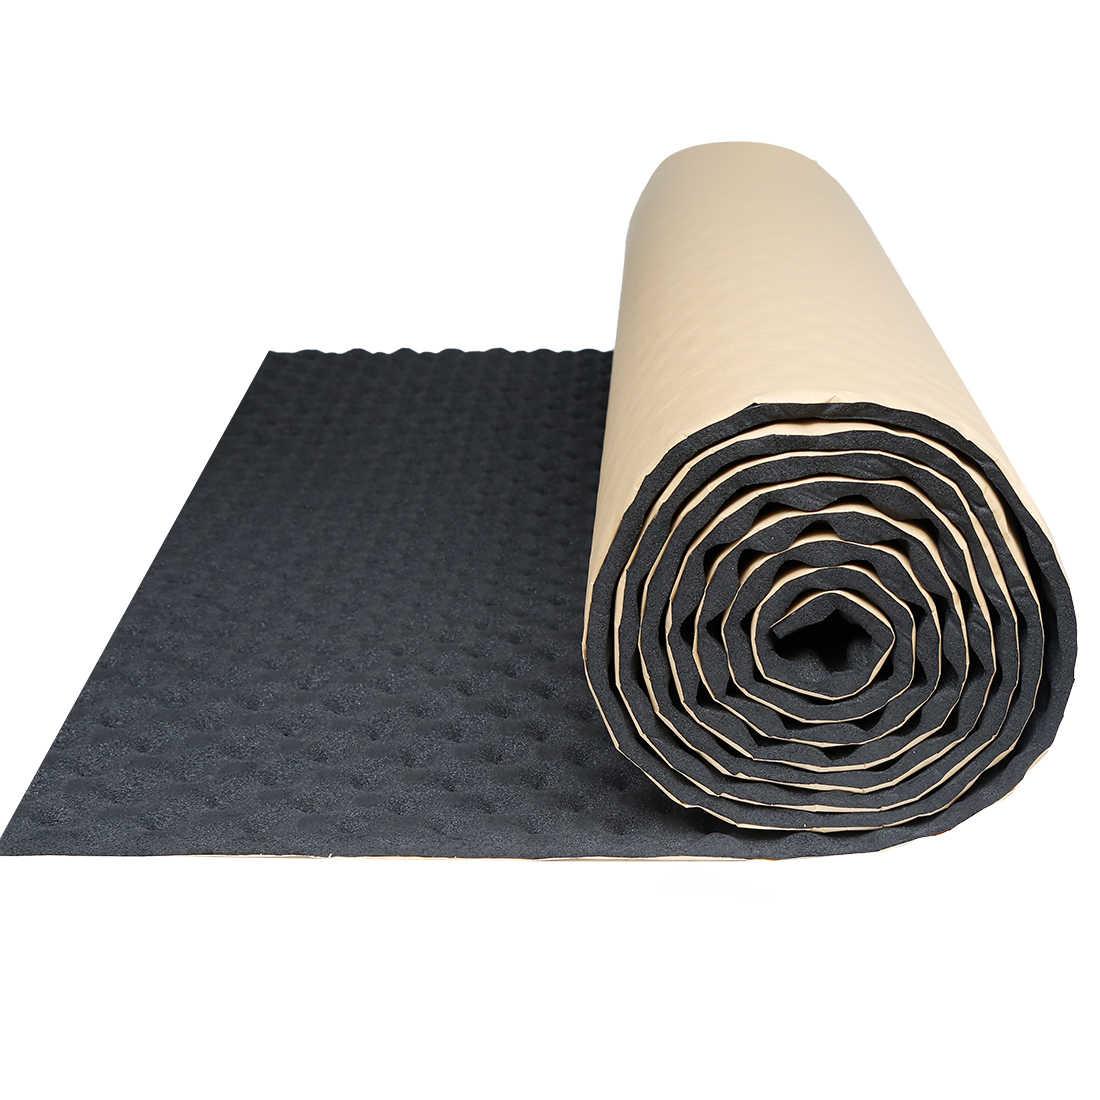 uxcell 50 100 200 300 500cm insonorisation tapis d isolation bruit bouclier thermique isolation automobile amortissement mousse coton son